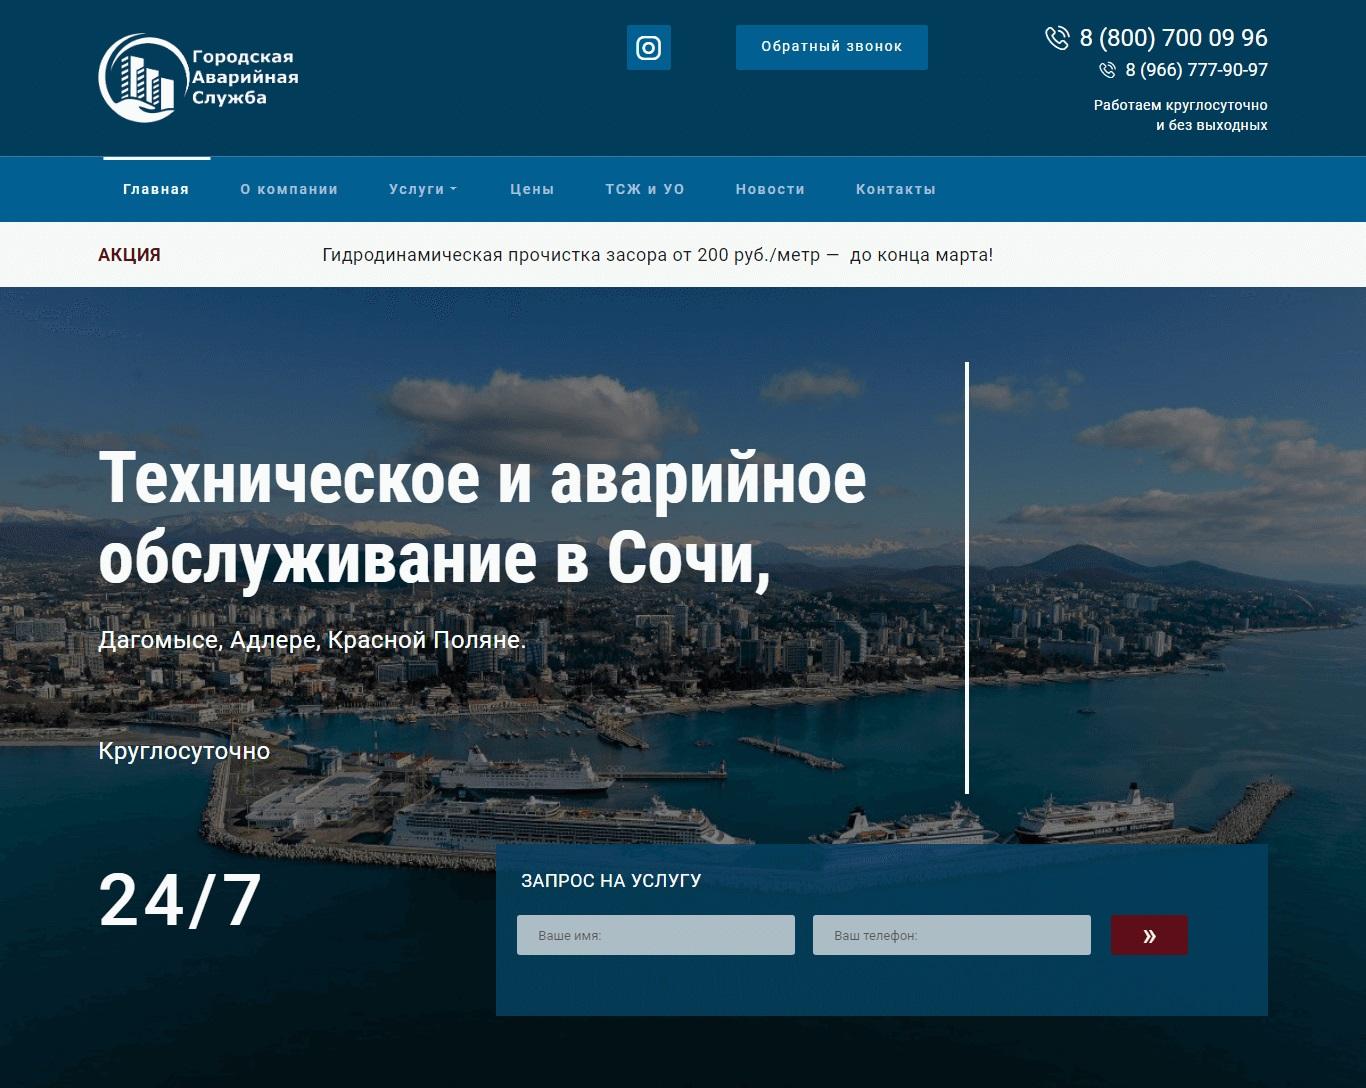 Создание сайта городской аварийной службы